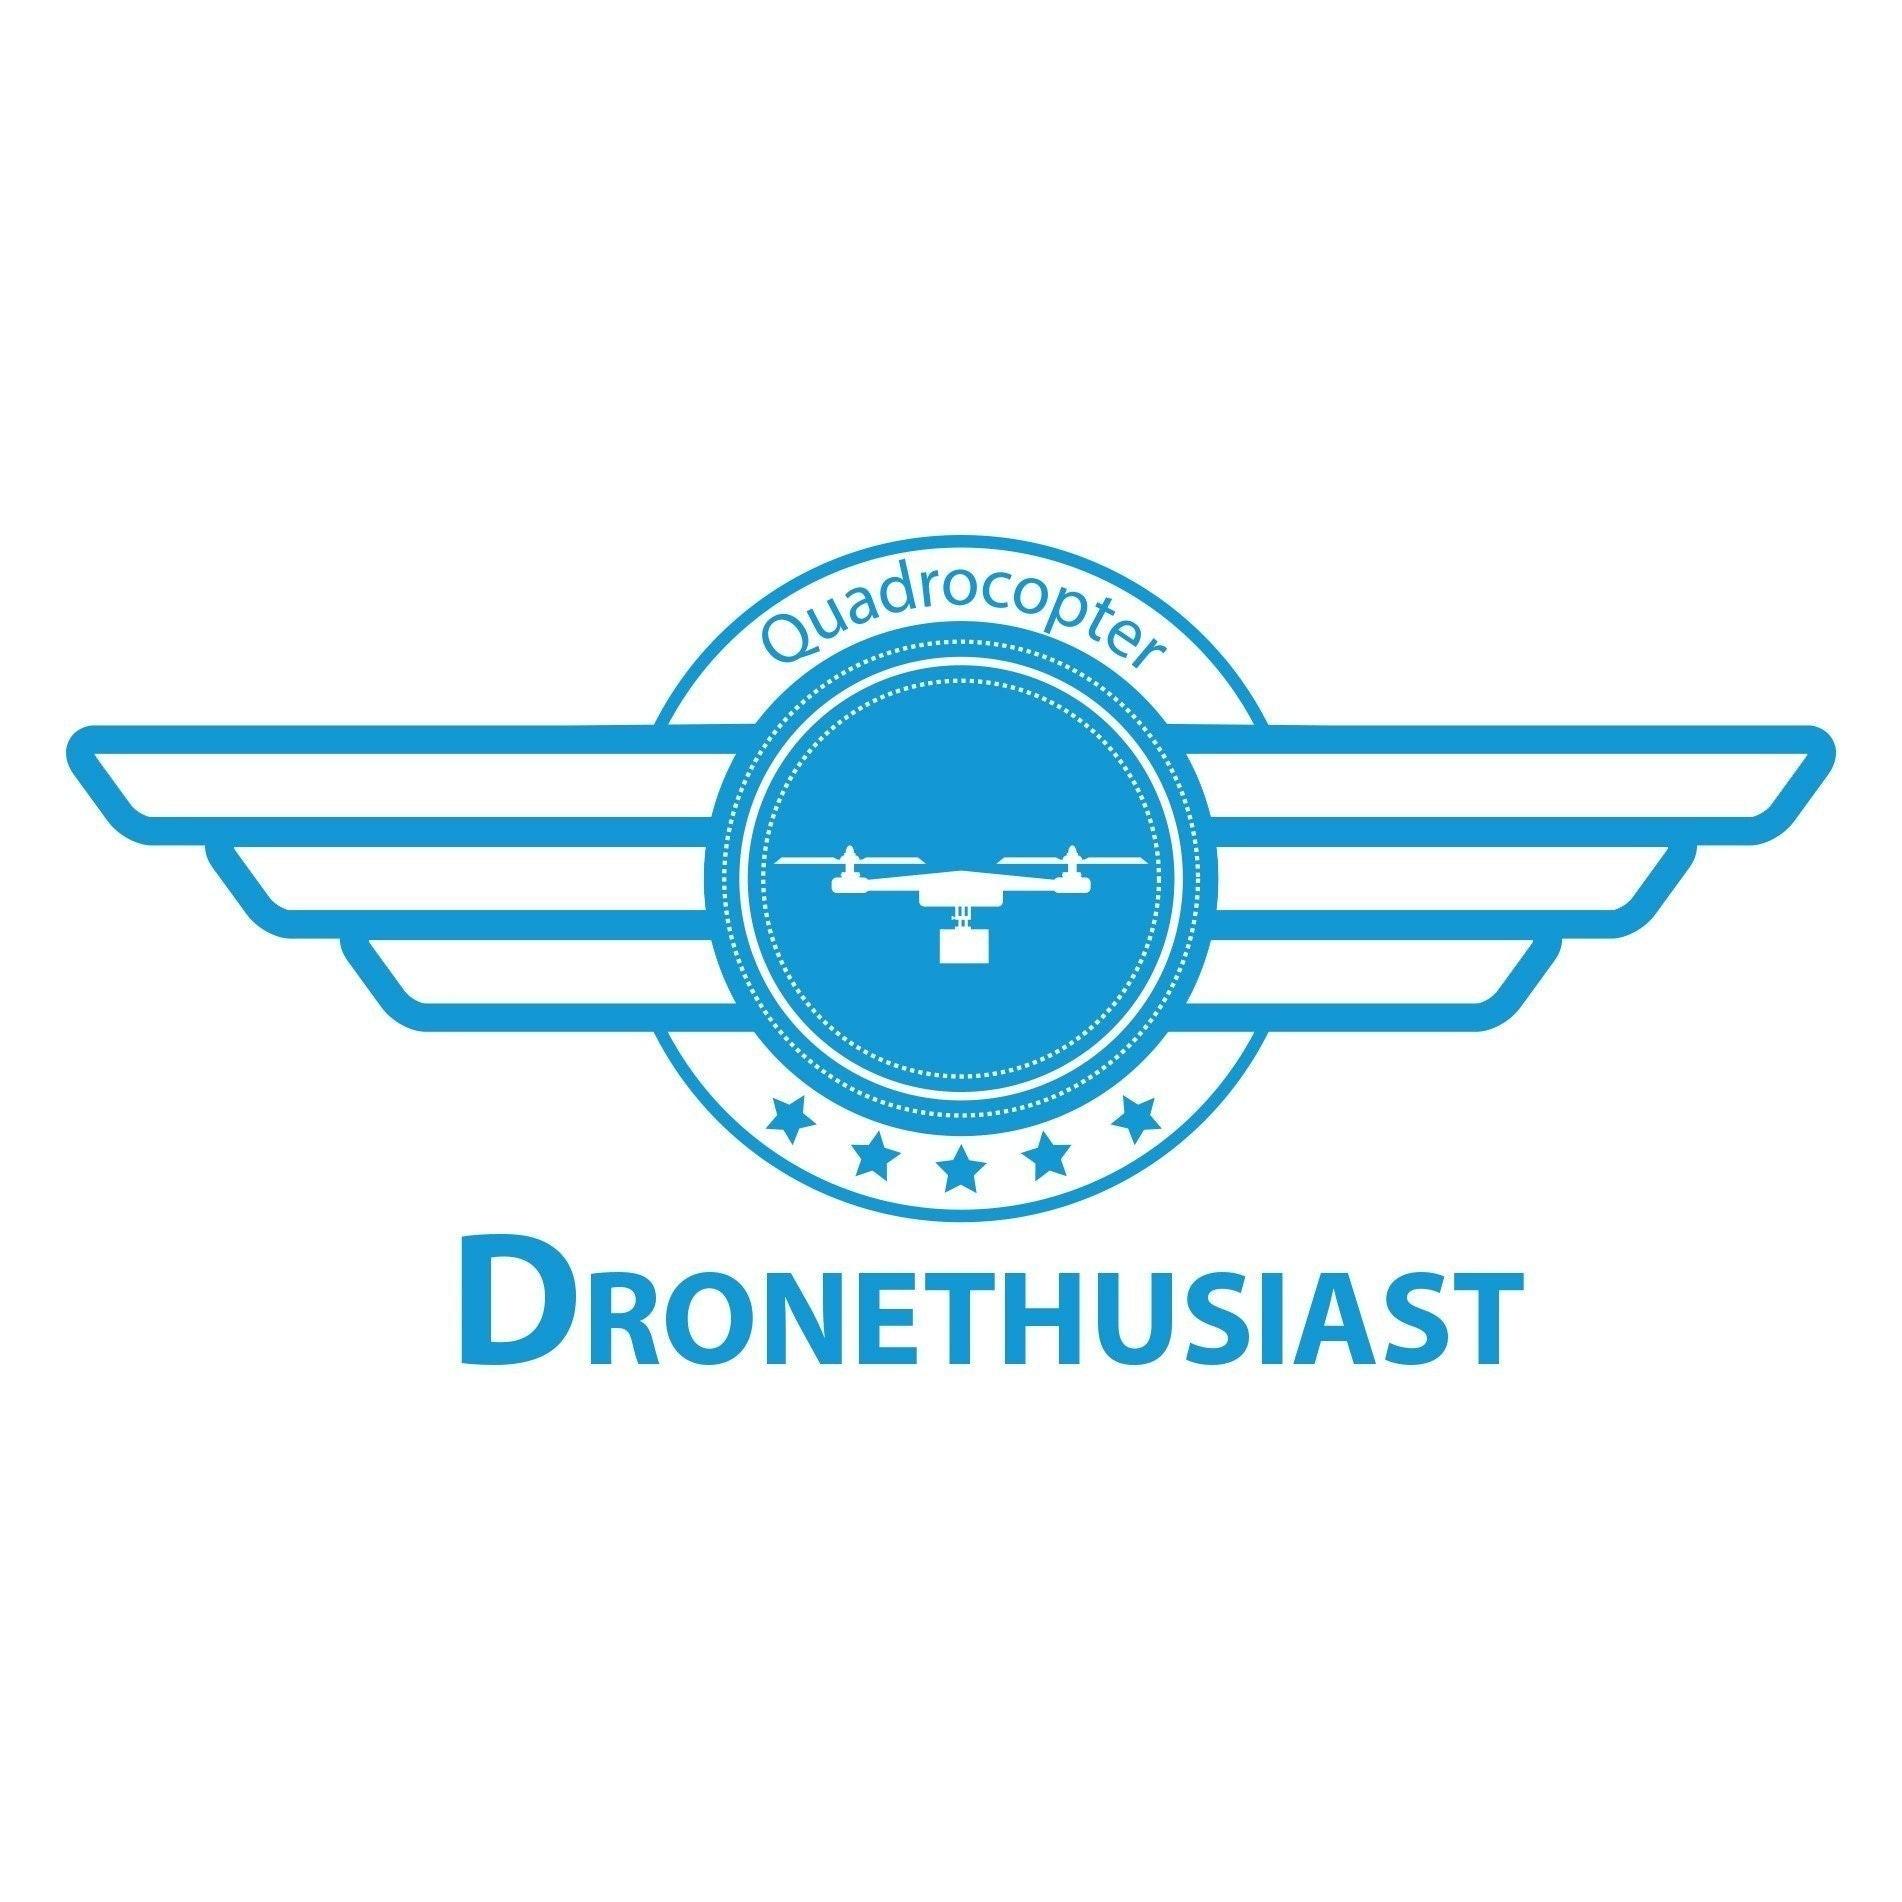 Dronethusiast.com